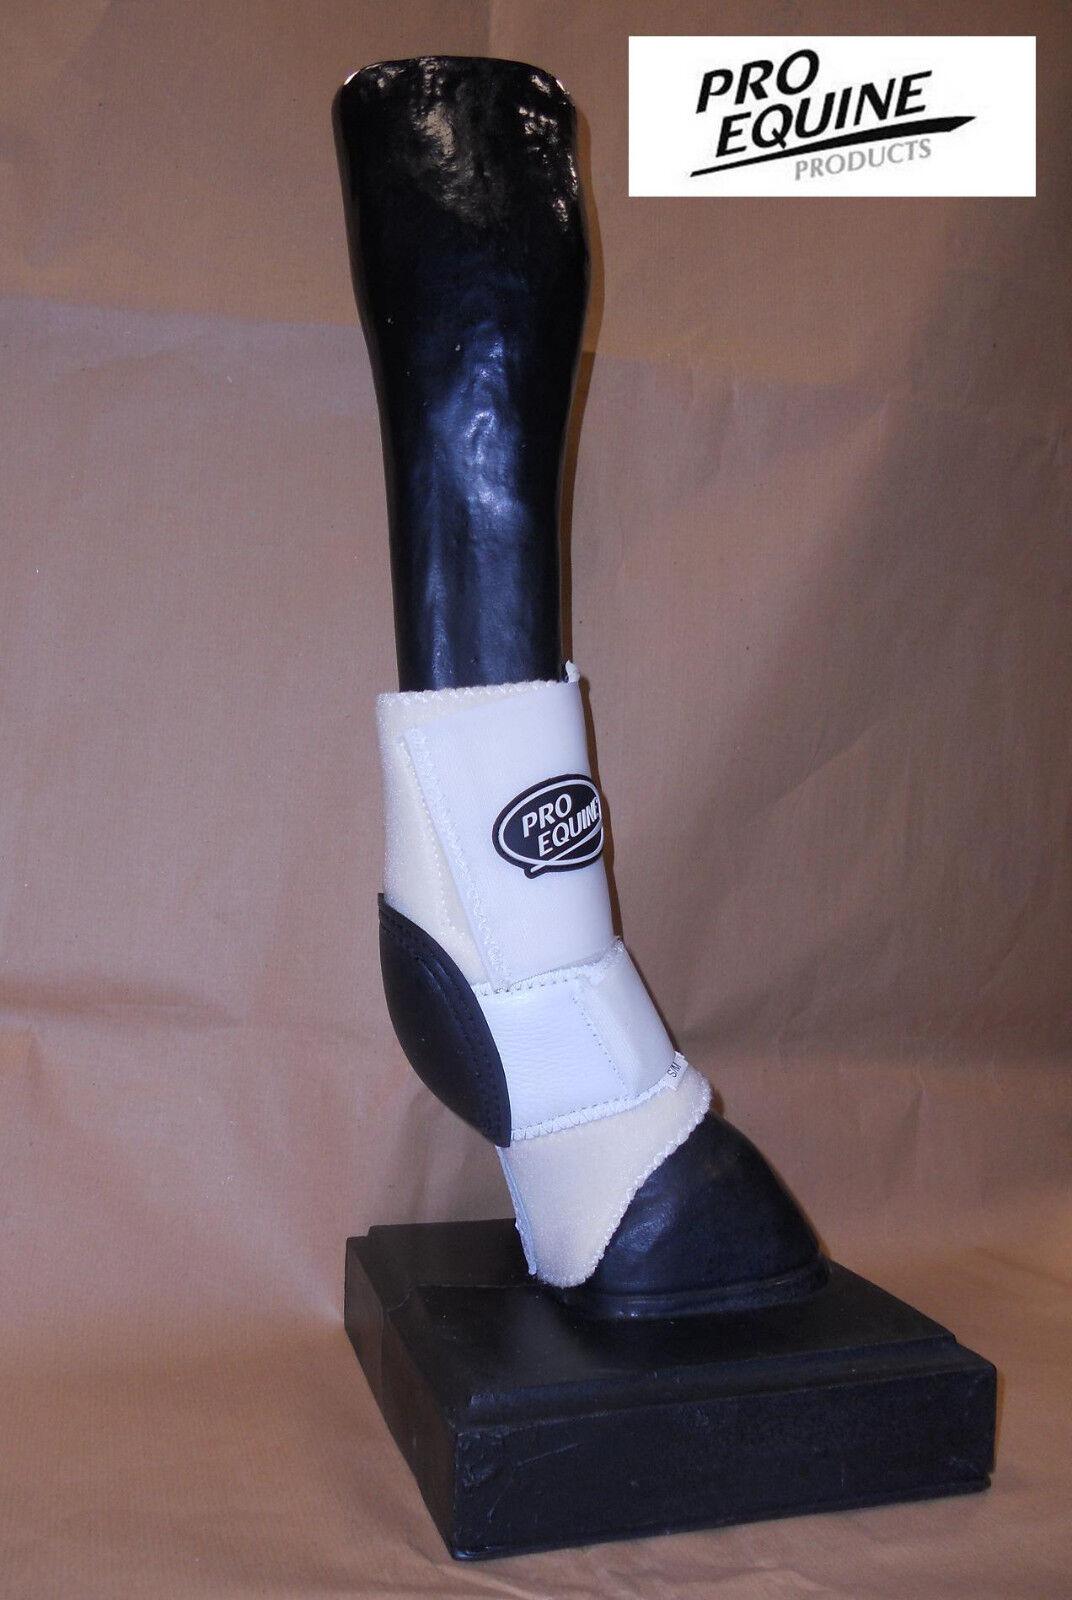 SP700 prossoezioni posteriori paranocca skid stivali neoprene Pro Equine bianco SM